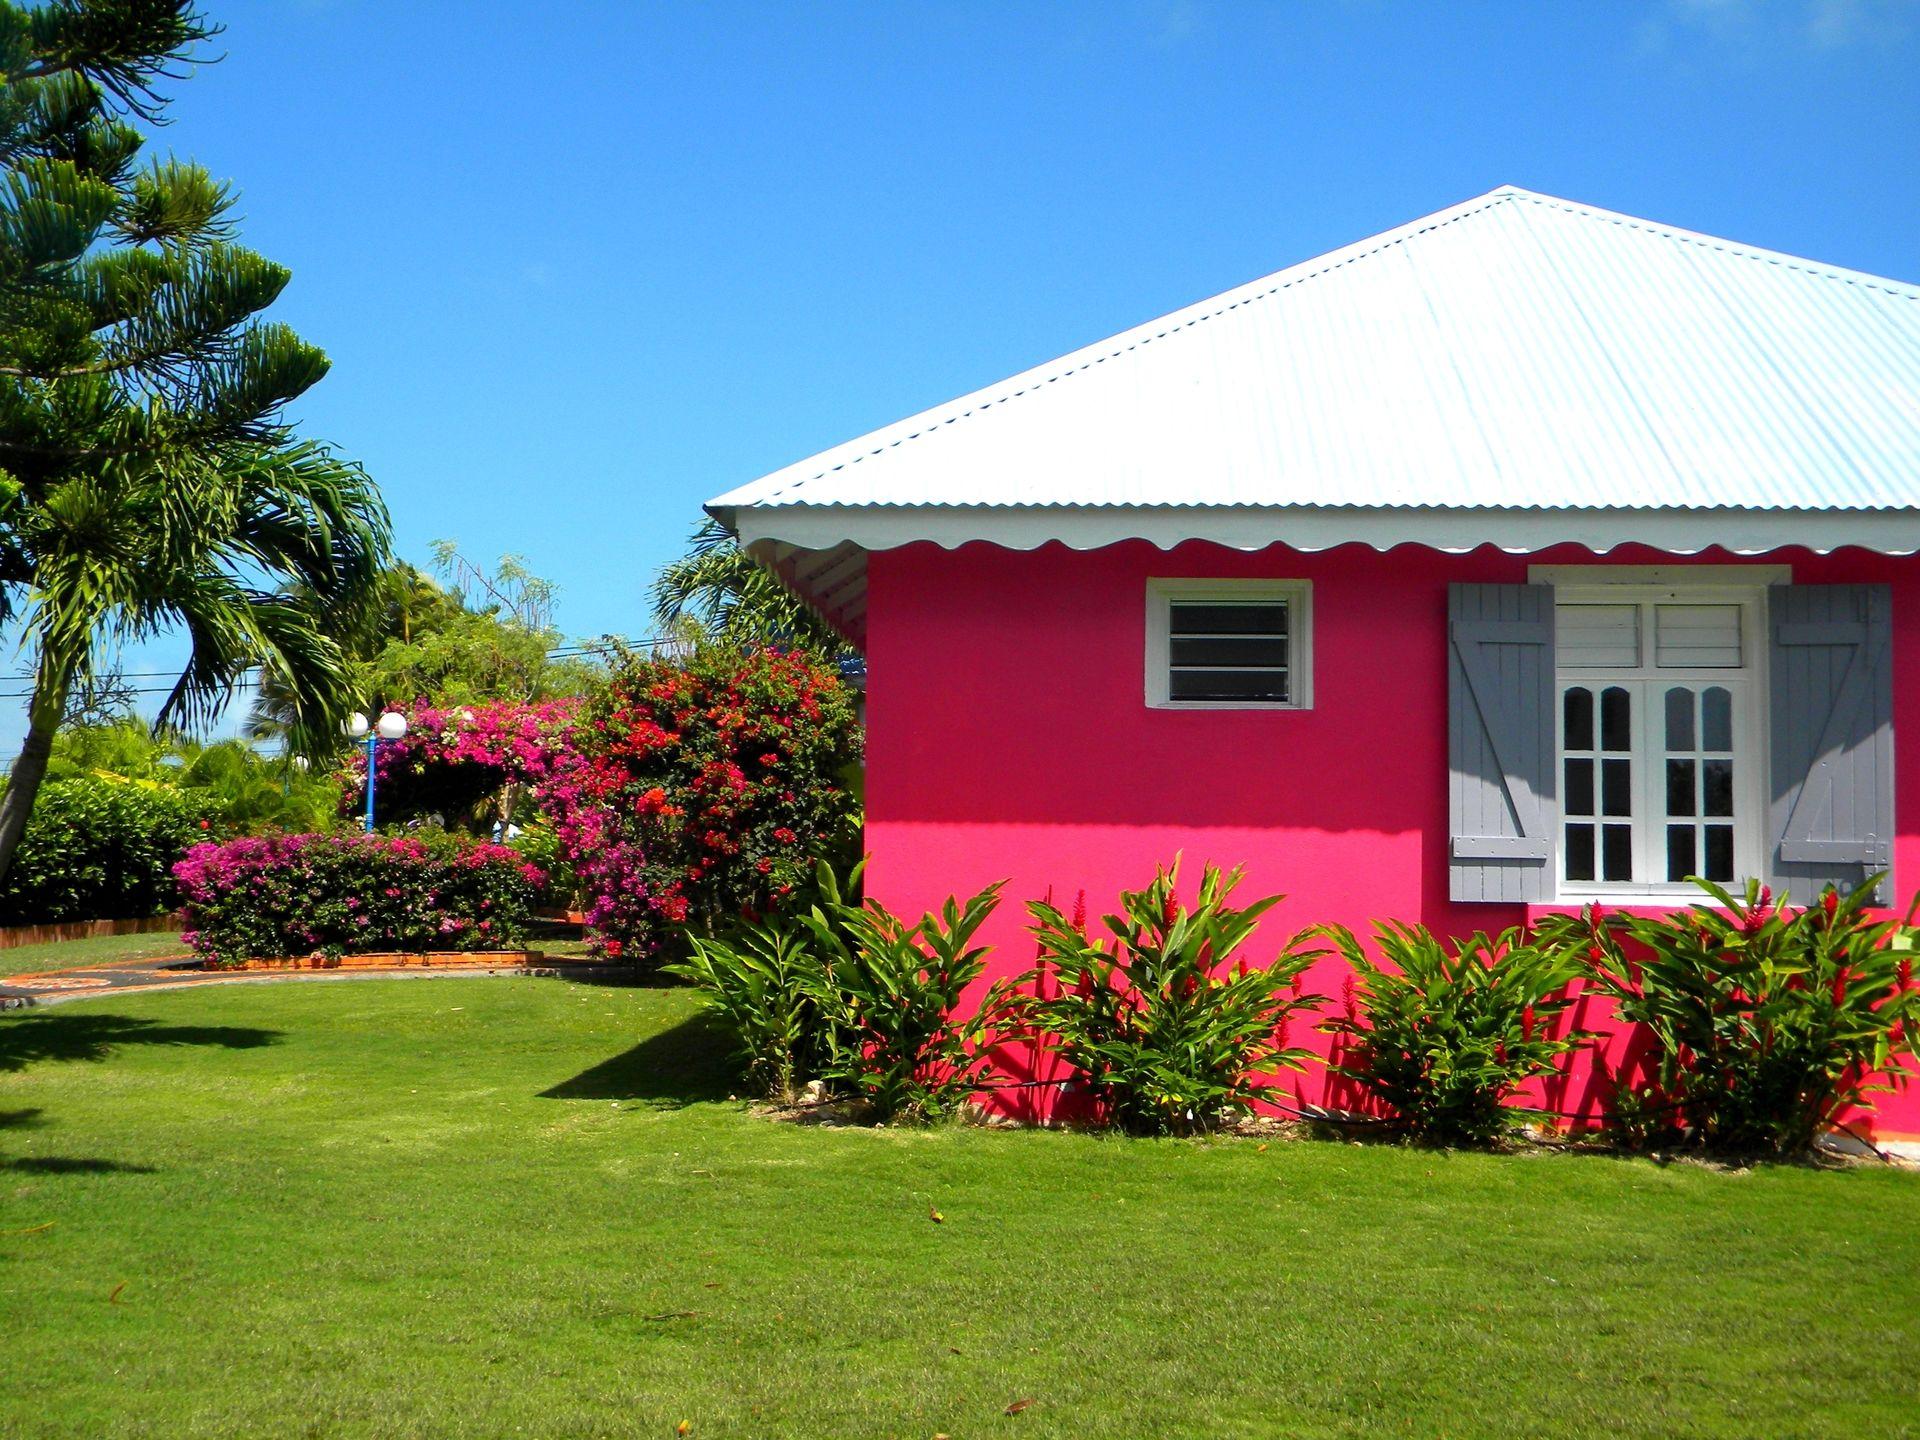 Séjour Guadeloupe Le Domaine de May - Location Voiture Incluse - 1